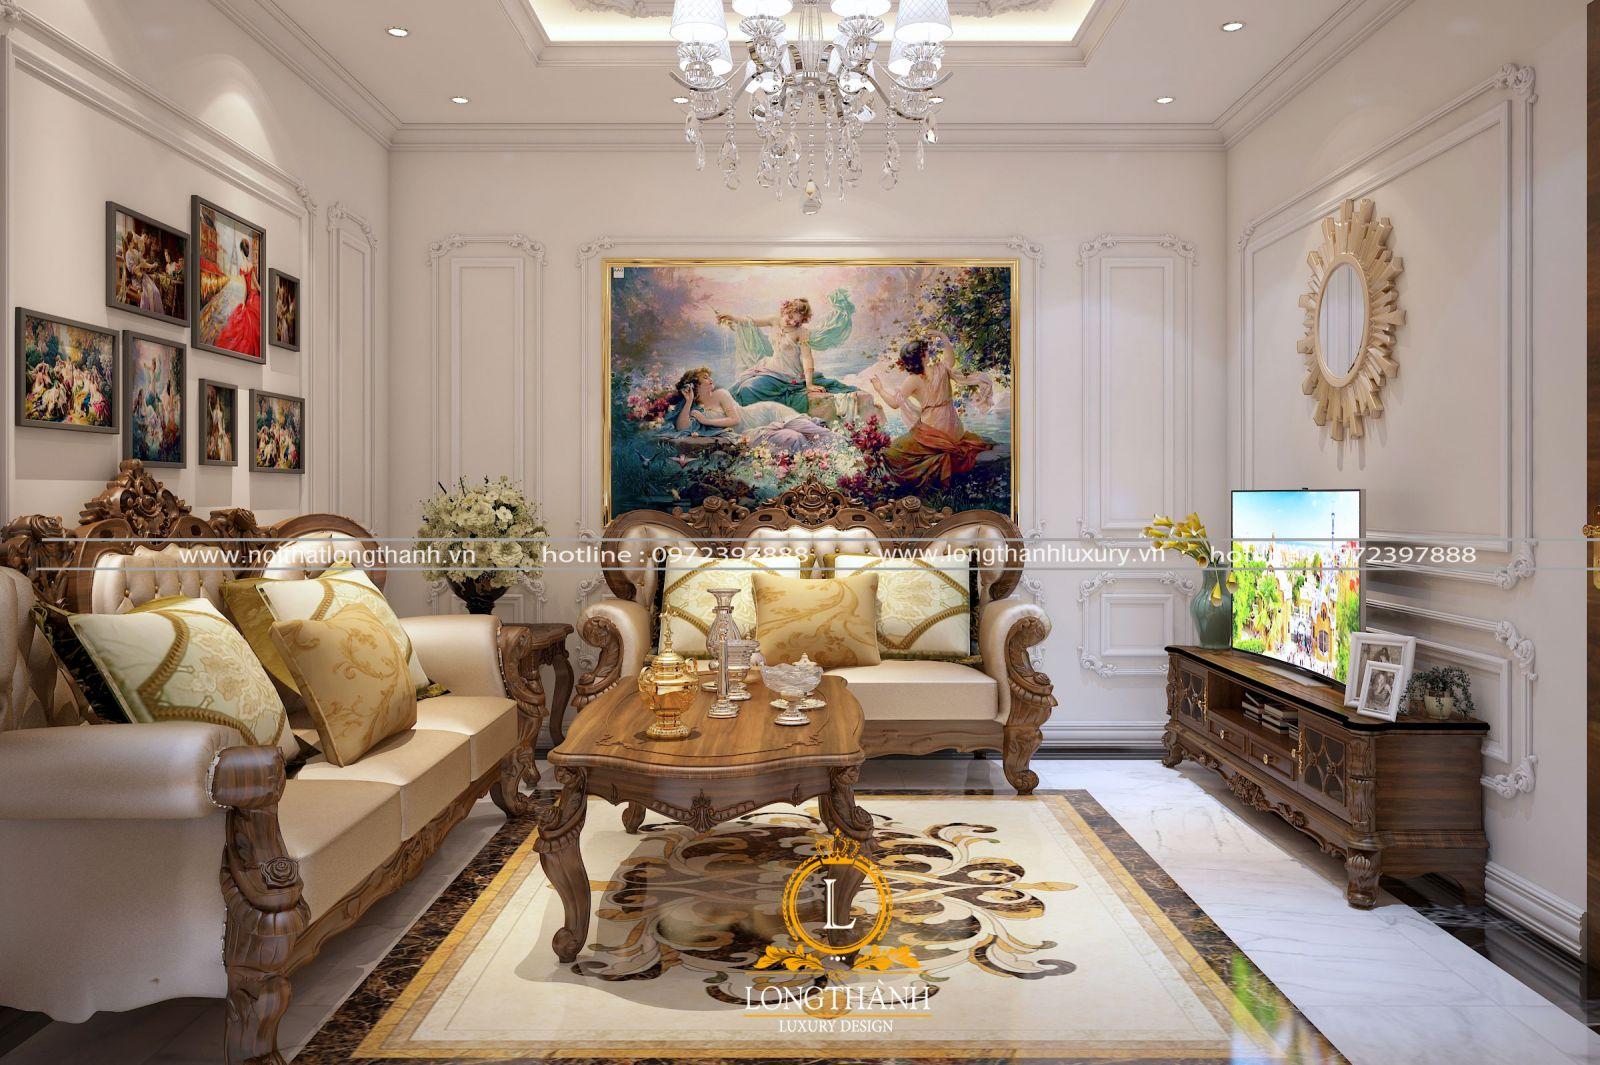 Mẫu sofa gỗ tự nhiên kết hợp da cao cấp cho phòng khách chung cư hẹp